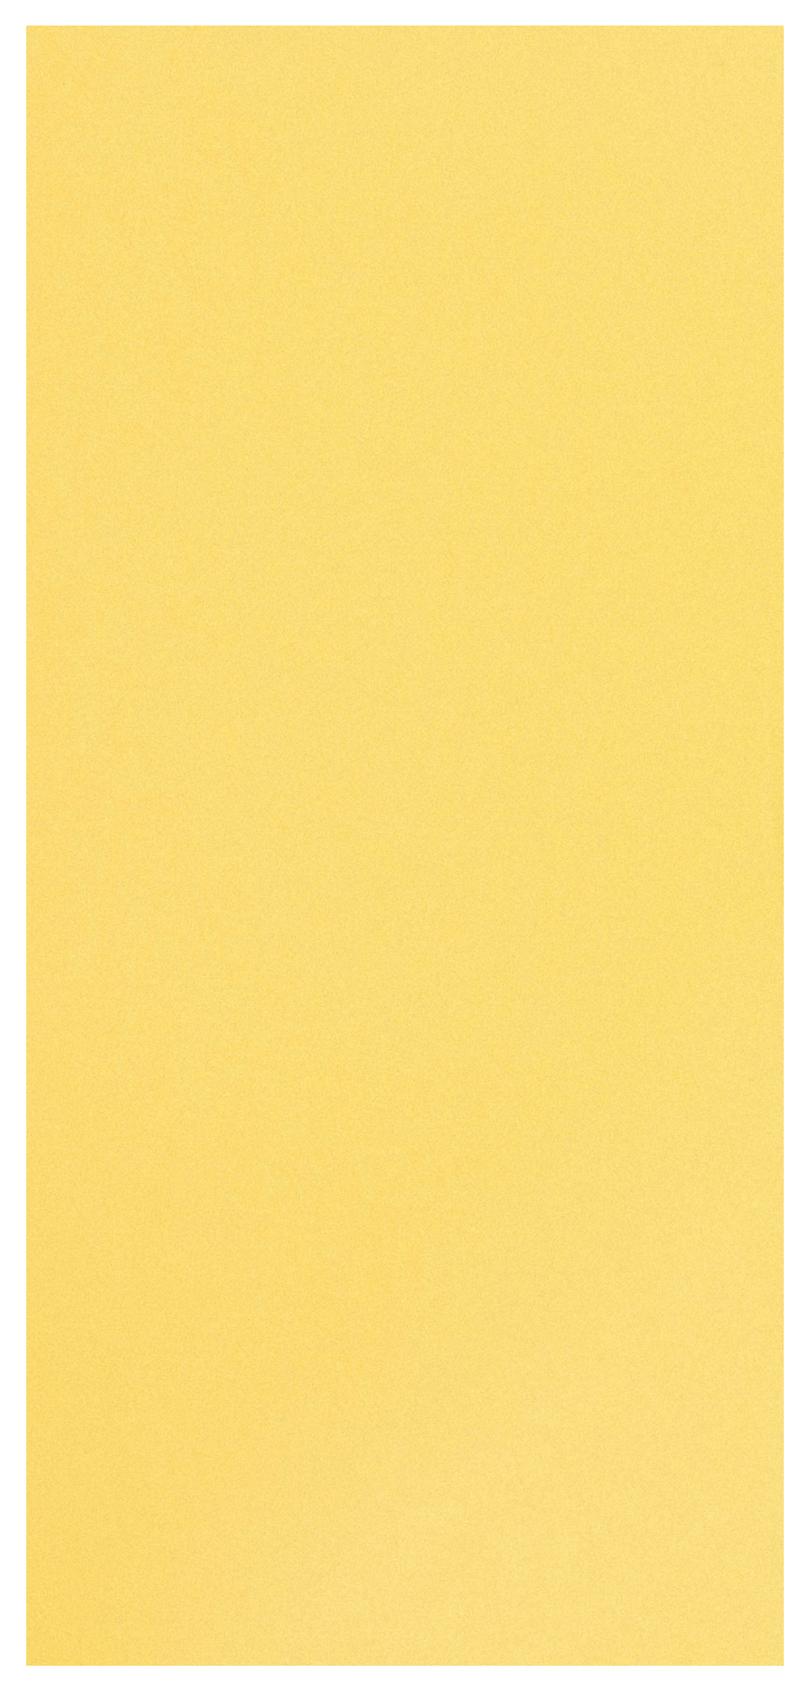 純粋な黄色のミニマリストの携帯電話の壁紙イメージ 背景 Id